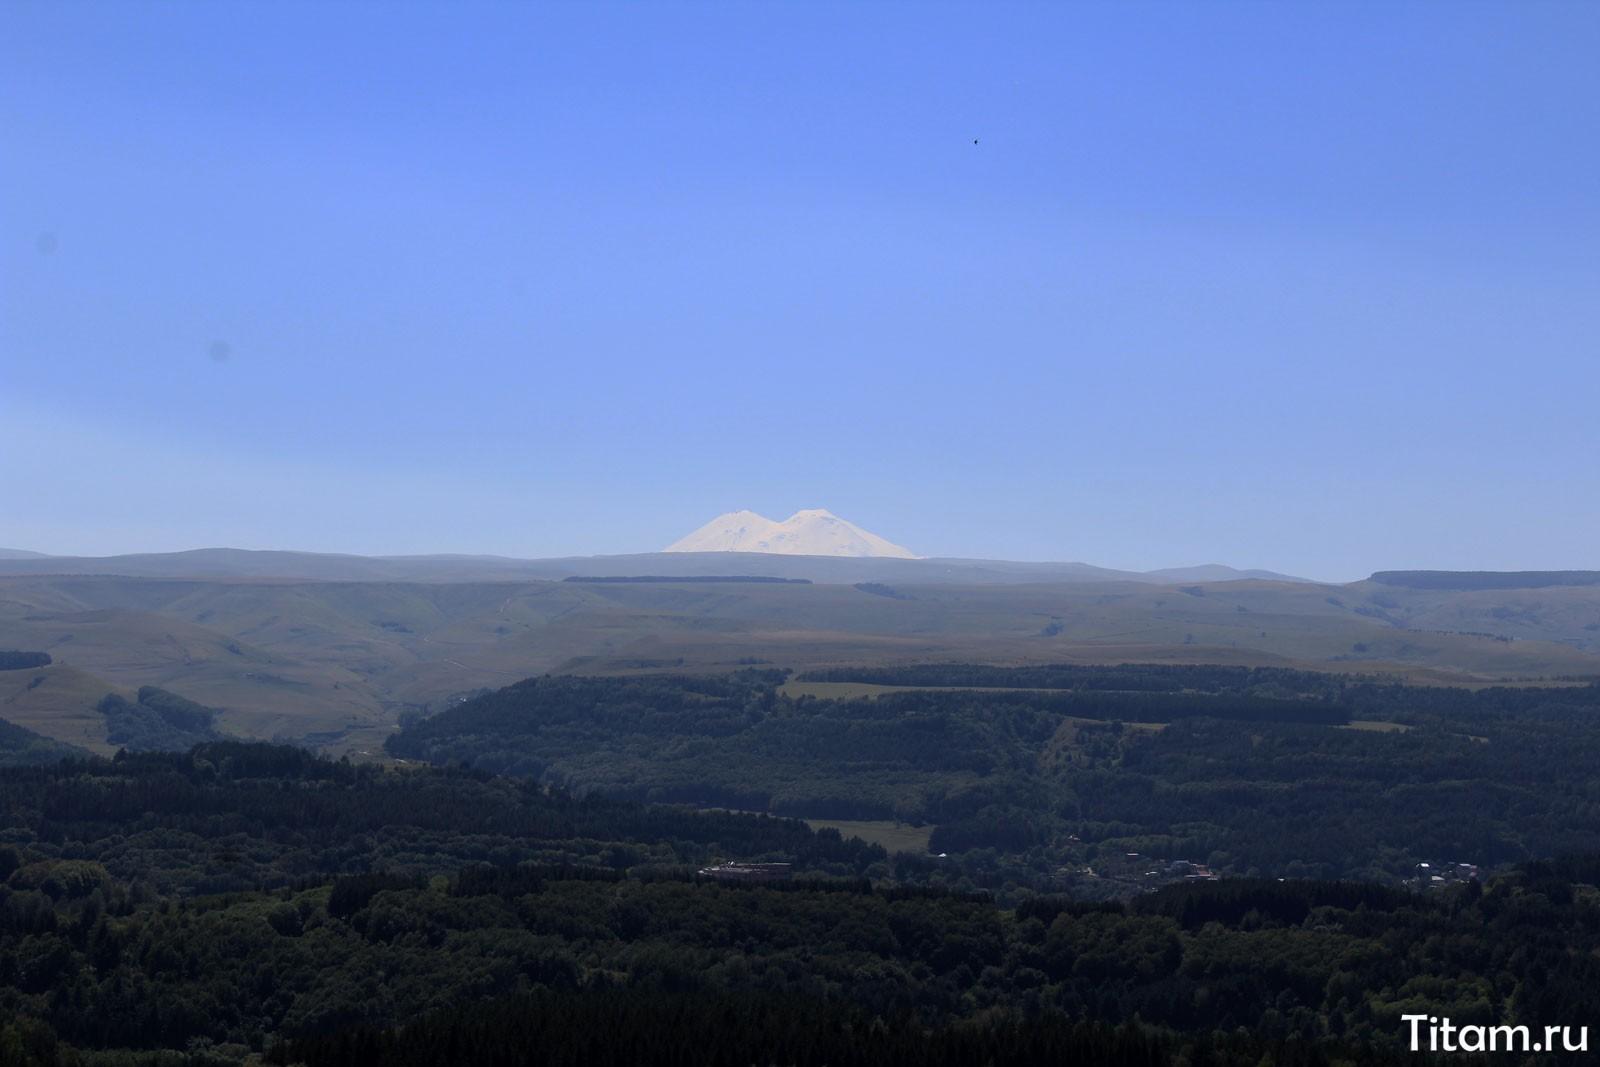 Вид на Эльбрус с горы Малое седло